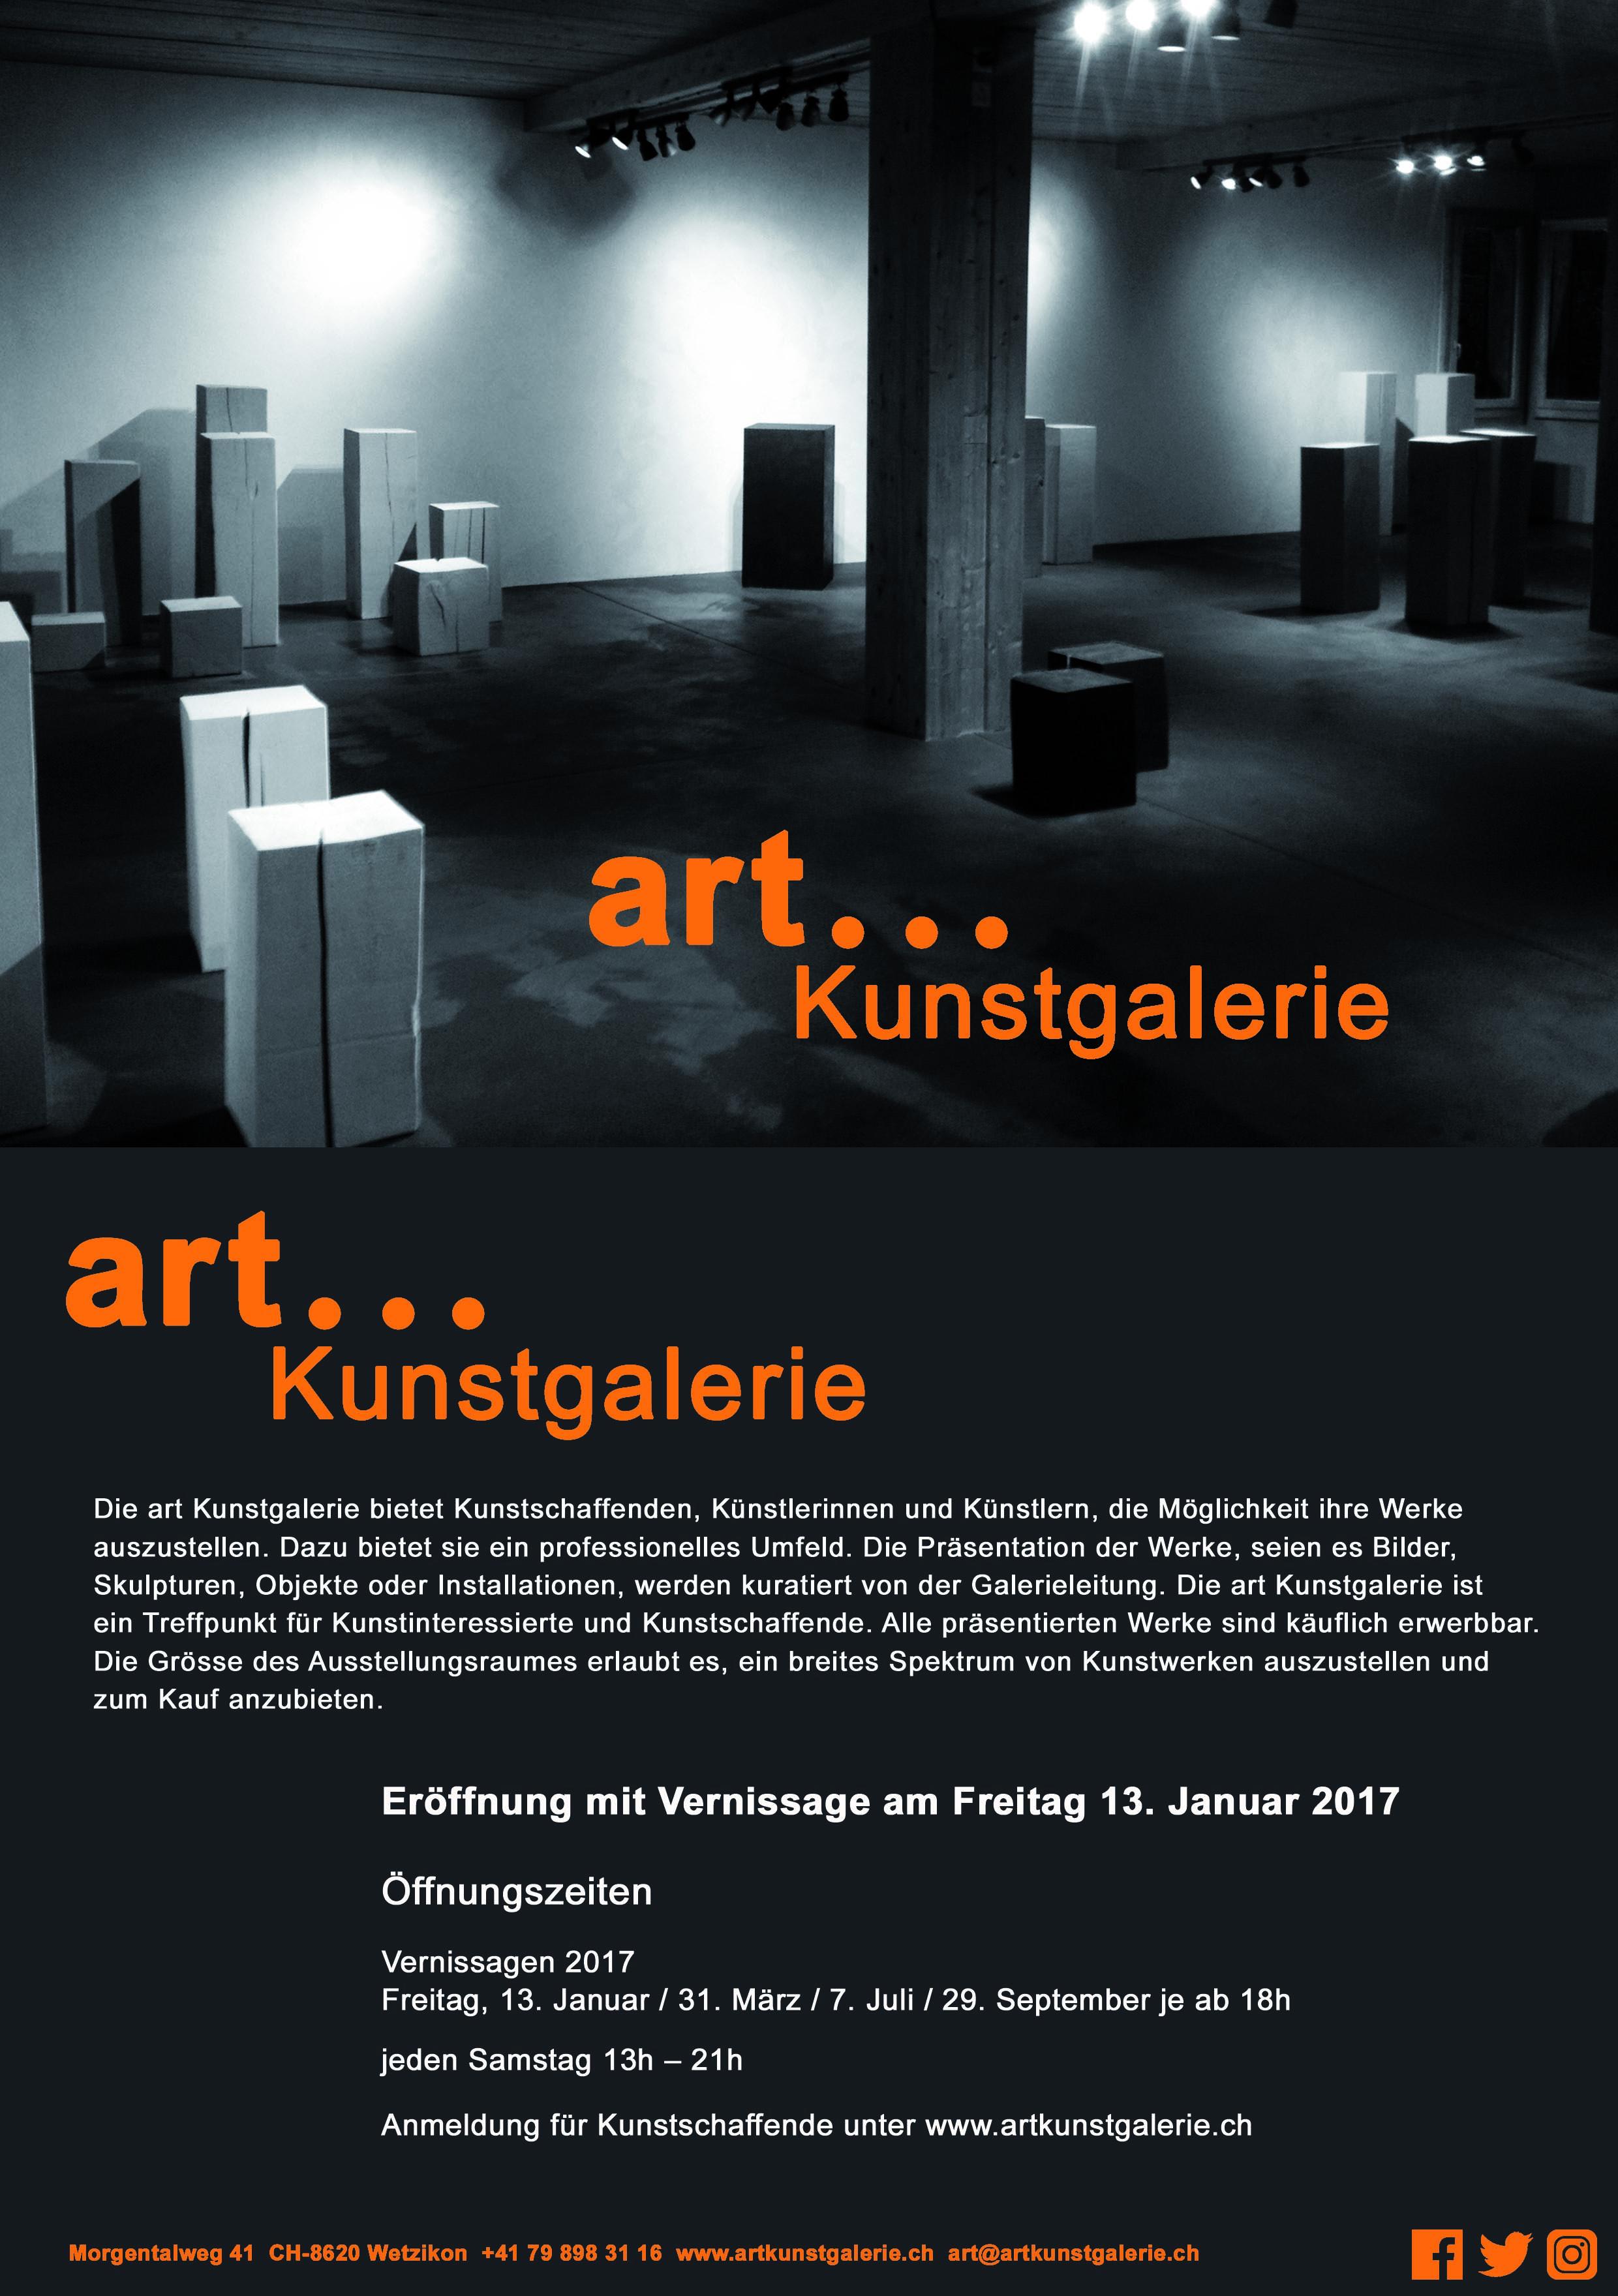 art Kunstgalerie.jpg